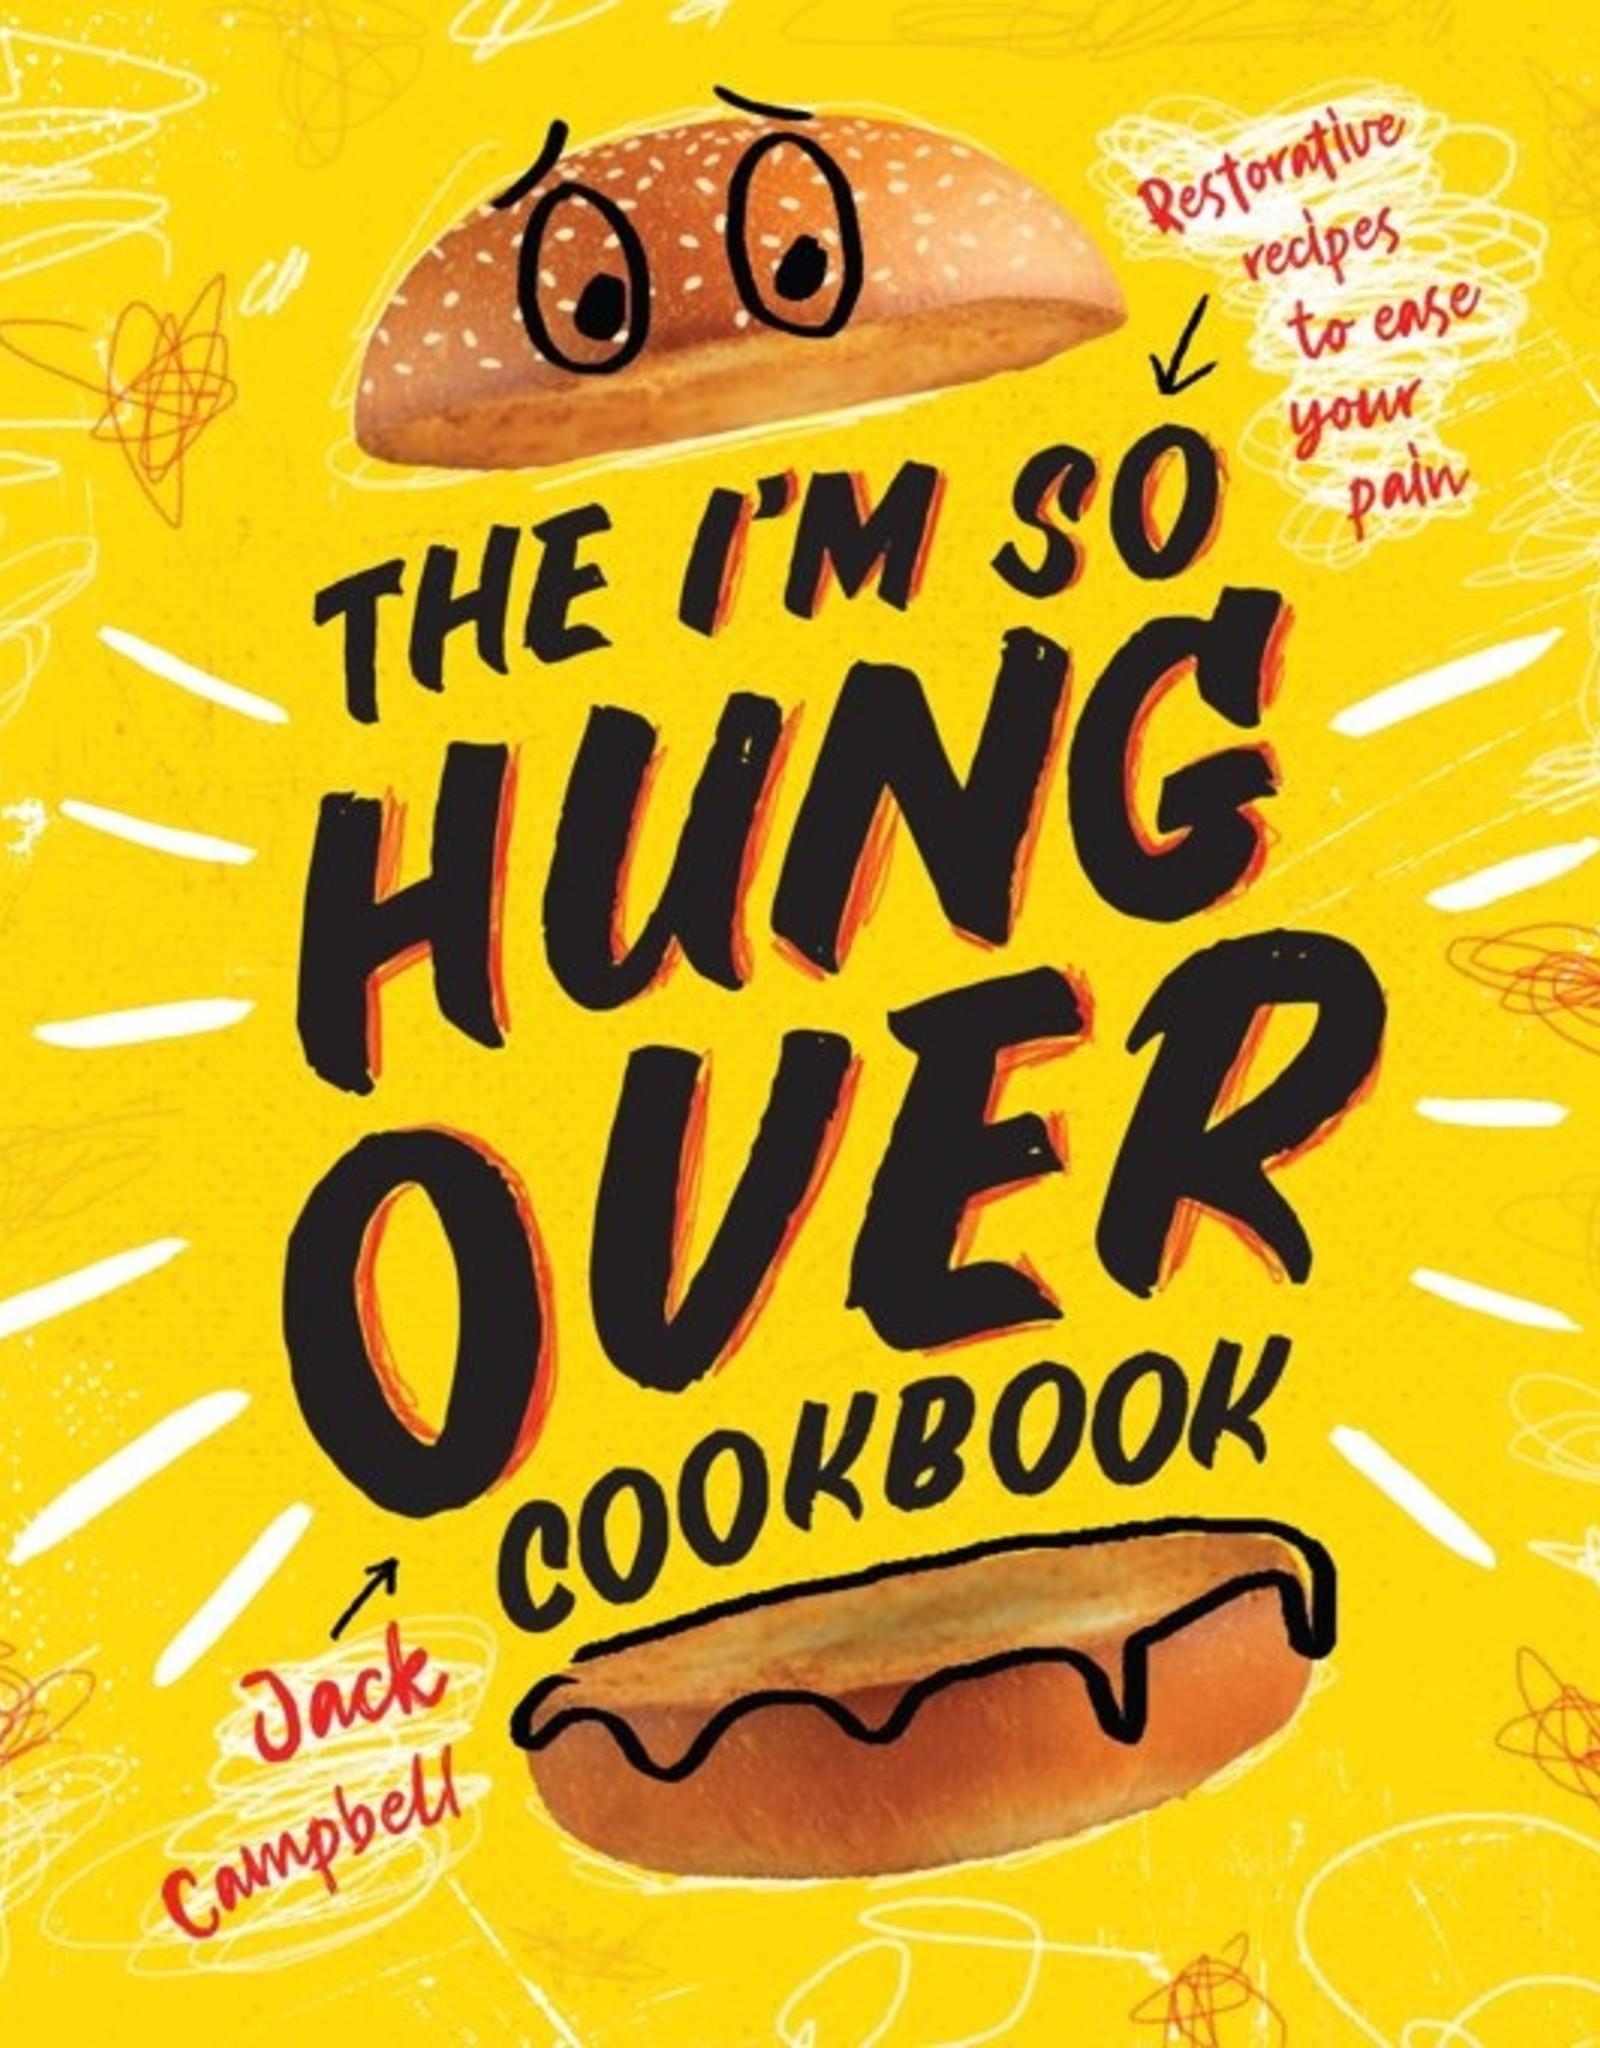 DAM DAM Im So Hungover Cookbook